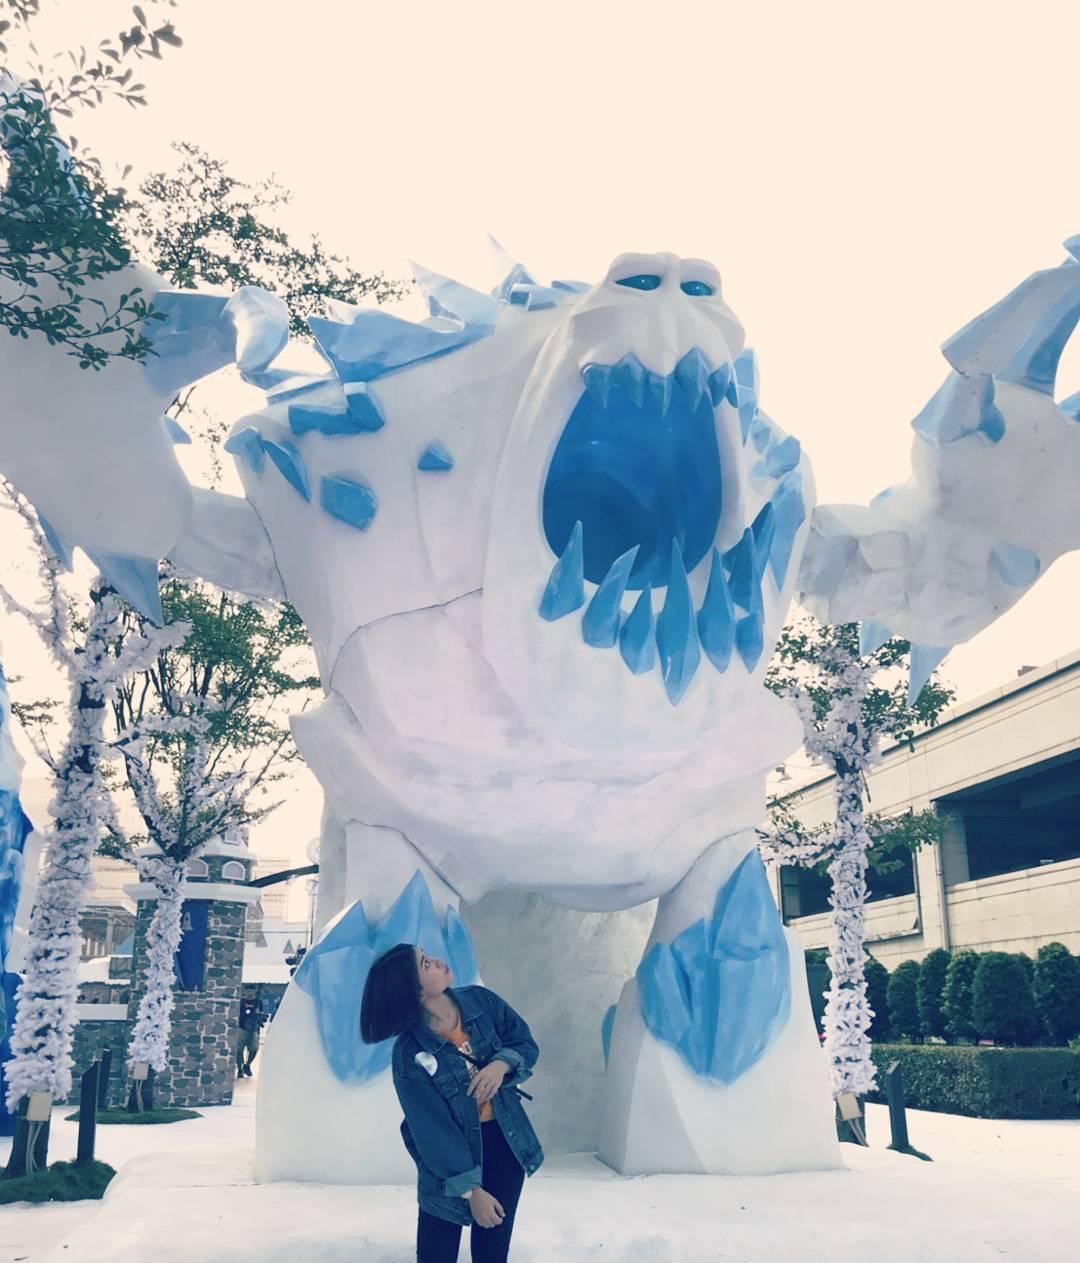 莫屬呀!這是一個全球首創、世界唯一由台灣華特迪士尼授權指導,美國迪士尼冰雪奇緣動畫團隊跨海指導,歷經2年策劃的活動,終於要展現在101水舞廣場了~  (圖/http://www.disney.com.tw/) 超逼真ELSA呈現在眼前真的太令人驚艷了!  (圖/Instagram@xxzyxxzy) 800坪的展區當中不只販賣上千個品項的迪士尼授權商品,還有六大亮點:5米高的巨大雪怪、12米高耶誕樹、90坪英國直送的戶外溜冰場、DIY手作活動、明信片寄件服務以及小鎮市集,要的就是把電影場景搬入現實,讓你感